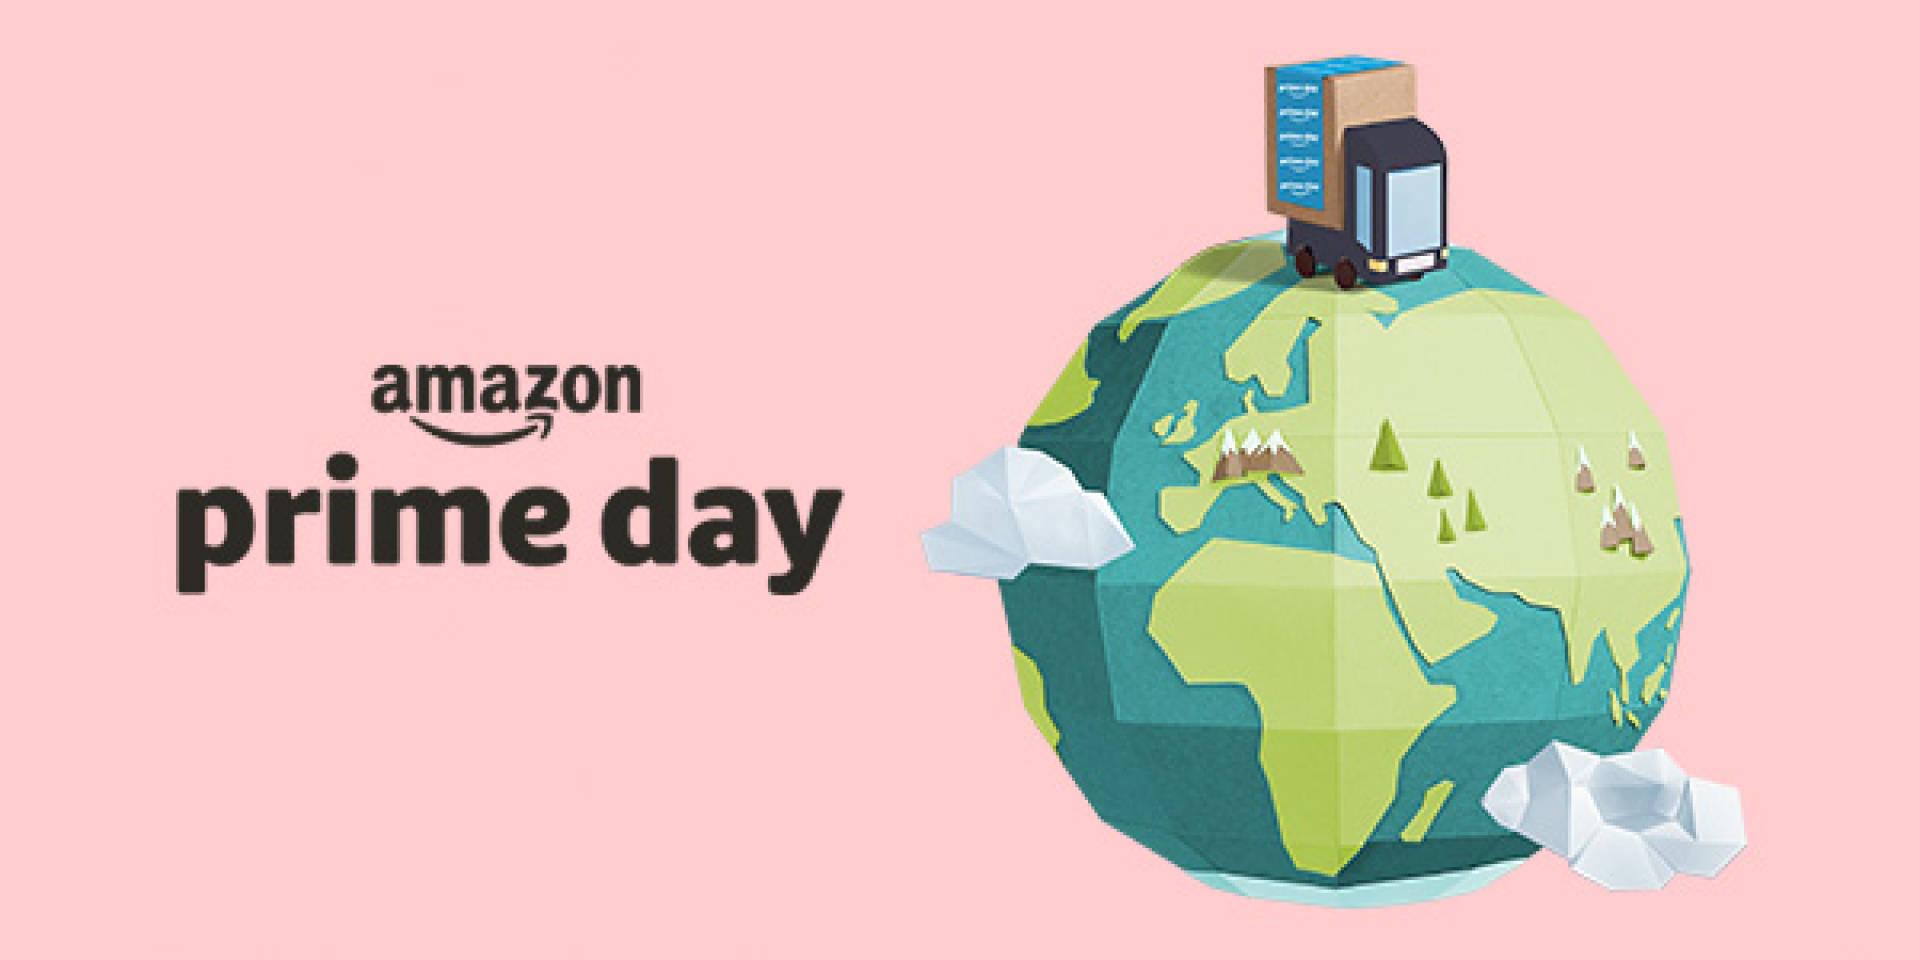 Amazon Prime Day 2019 voici les produits les plus achetés